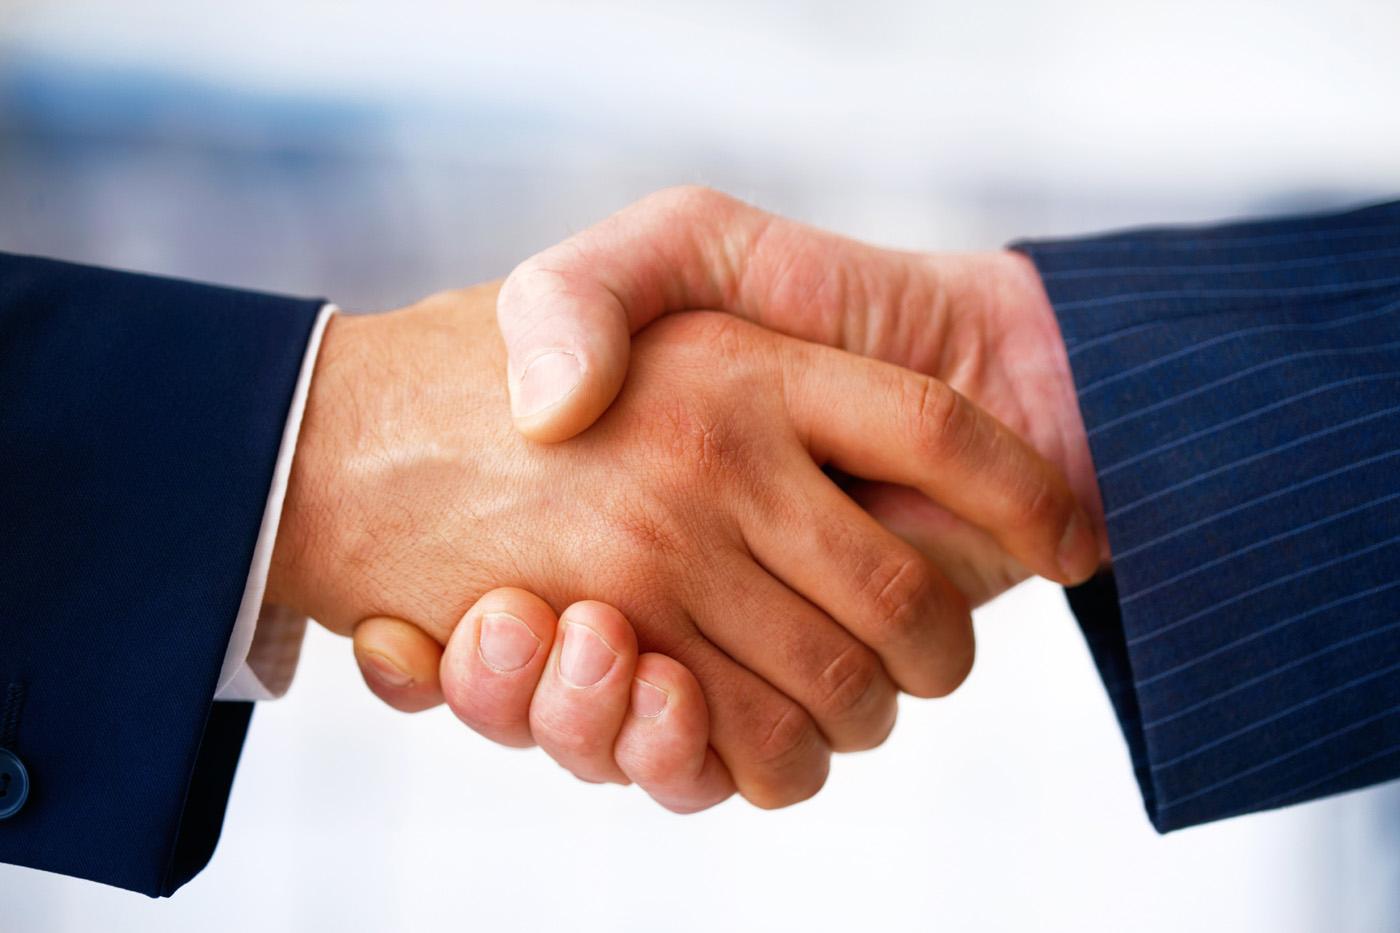 dohoda, zmluva, znalec, klient